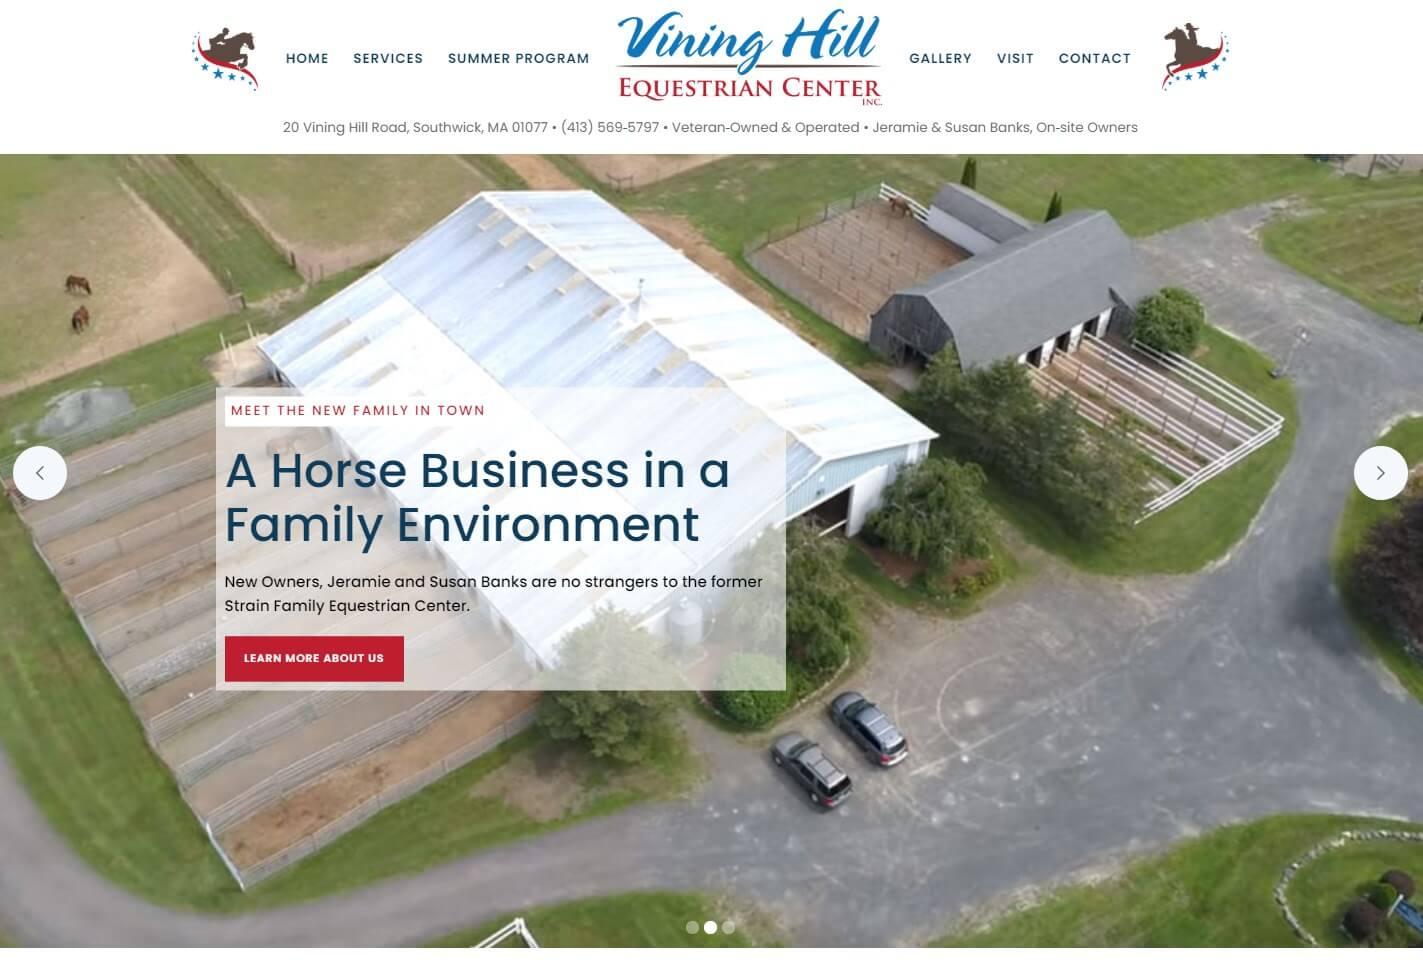 Vining Hill Equestrian Center website screenshot